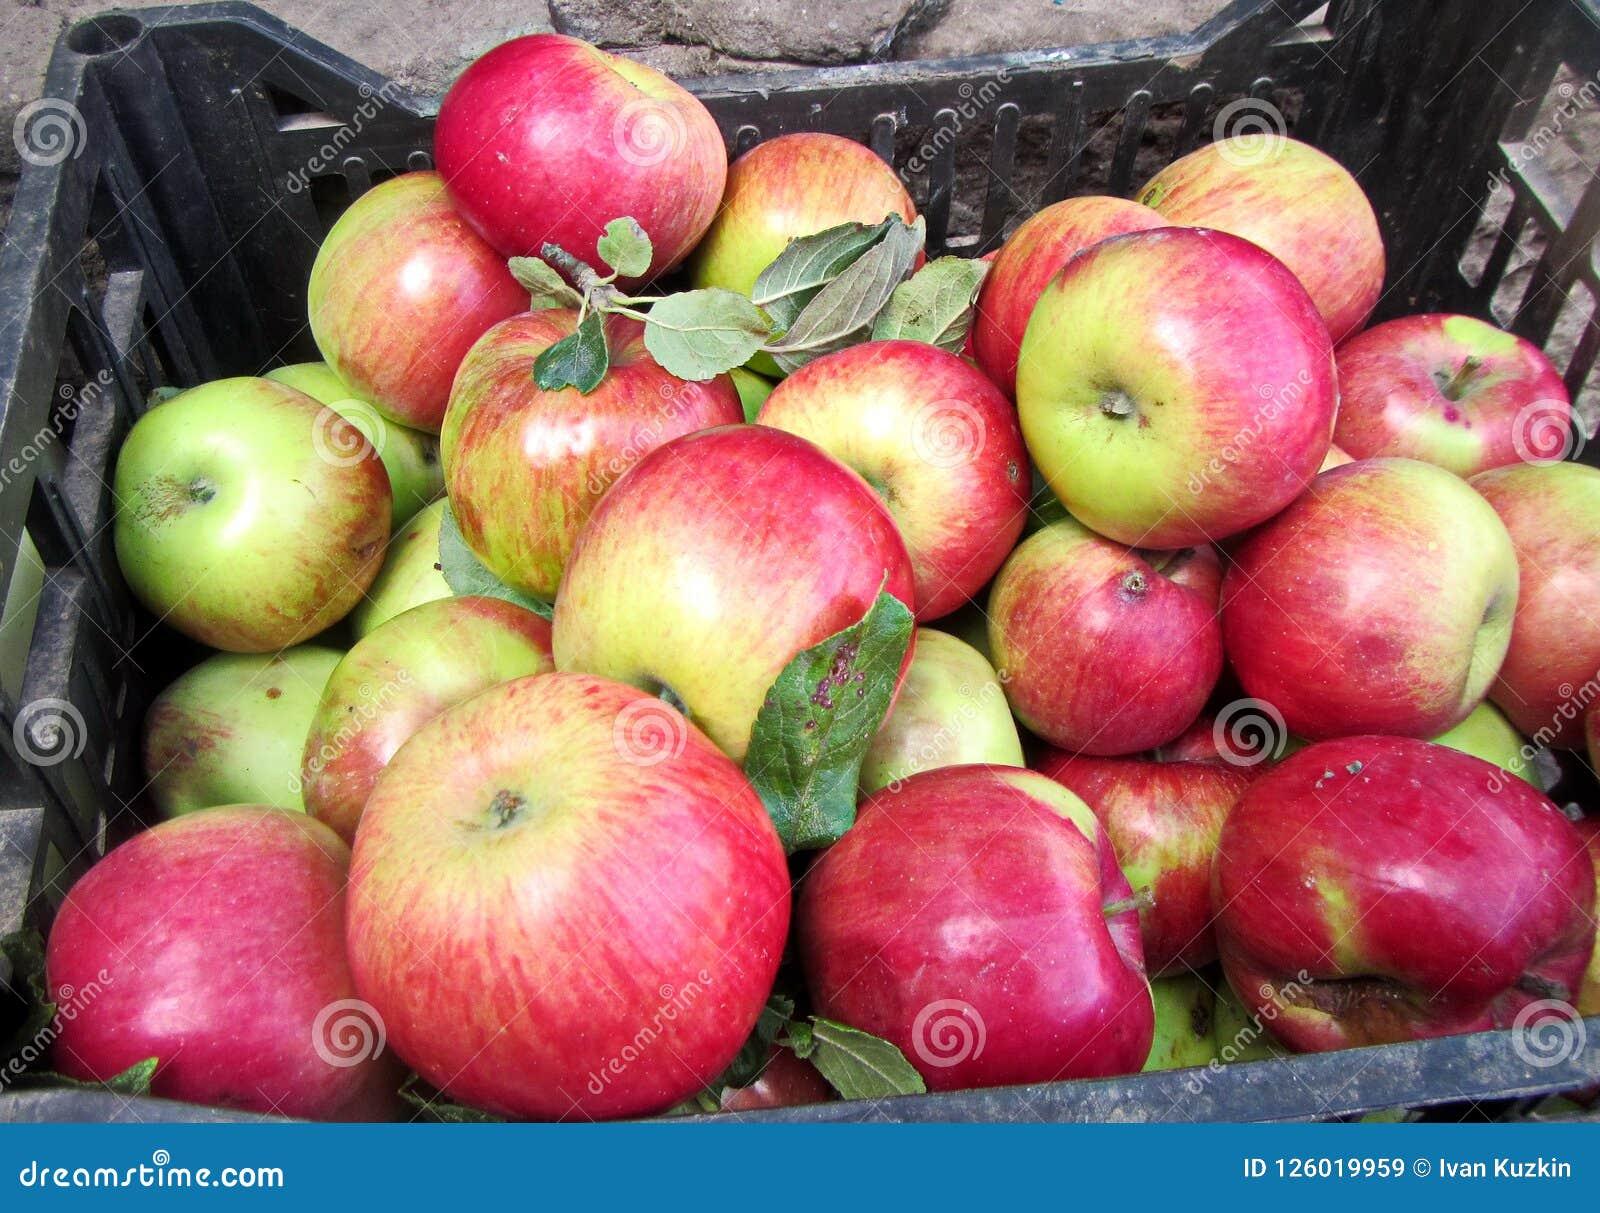 果子,苹果, nu实验装置秋天收获在桶和箱子收集了